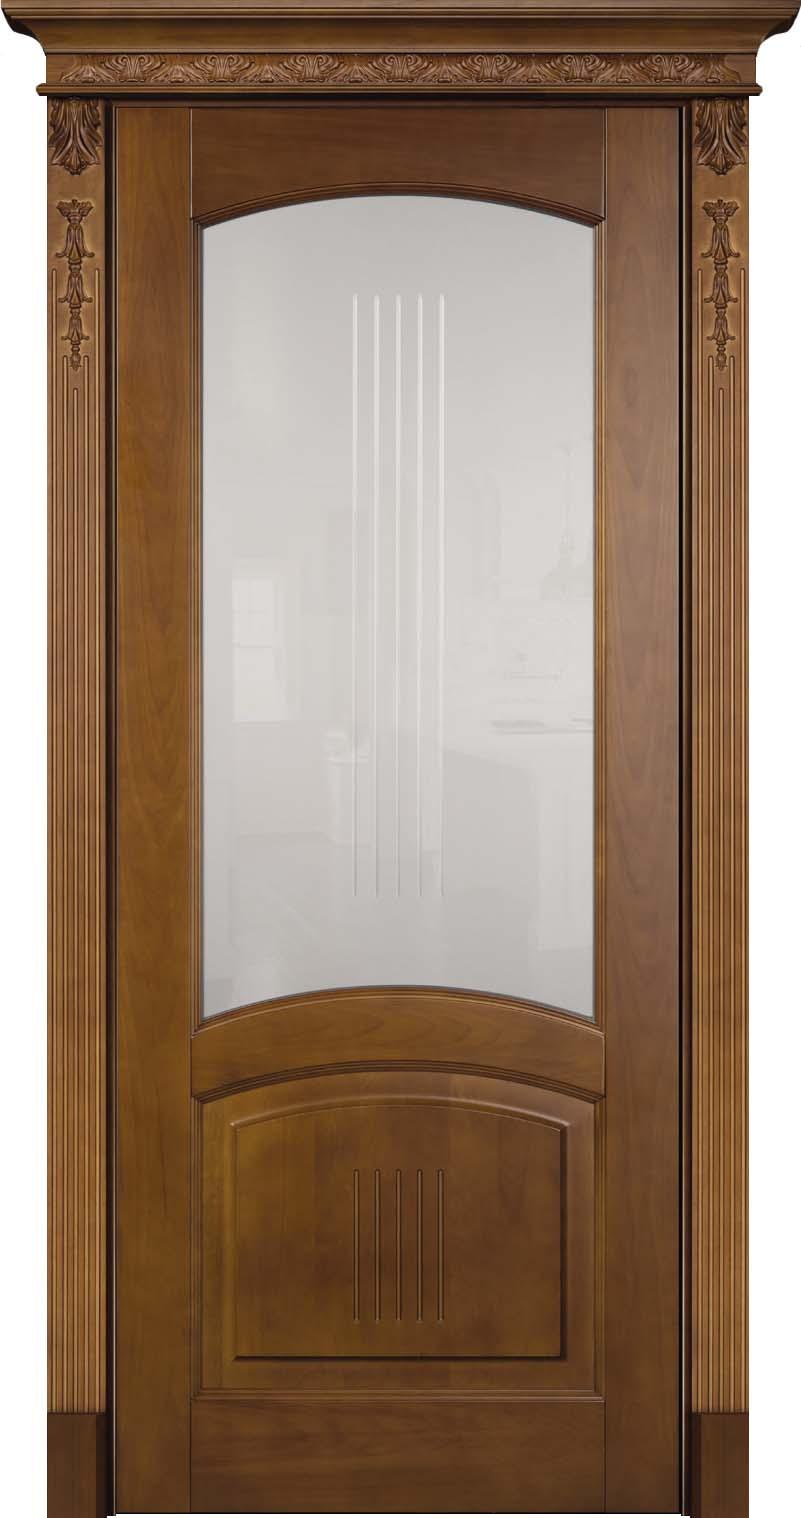 ПО Суворов - остекленная дверь из бука с капителью и резными балясинами в легендарной тонировке байцем - Светлый Дуб